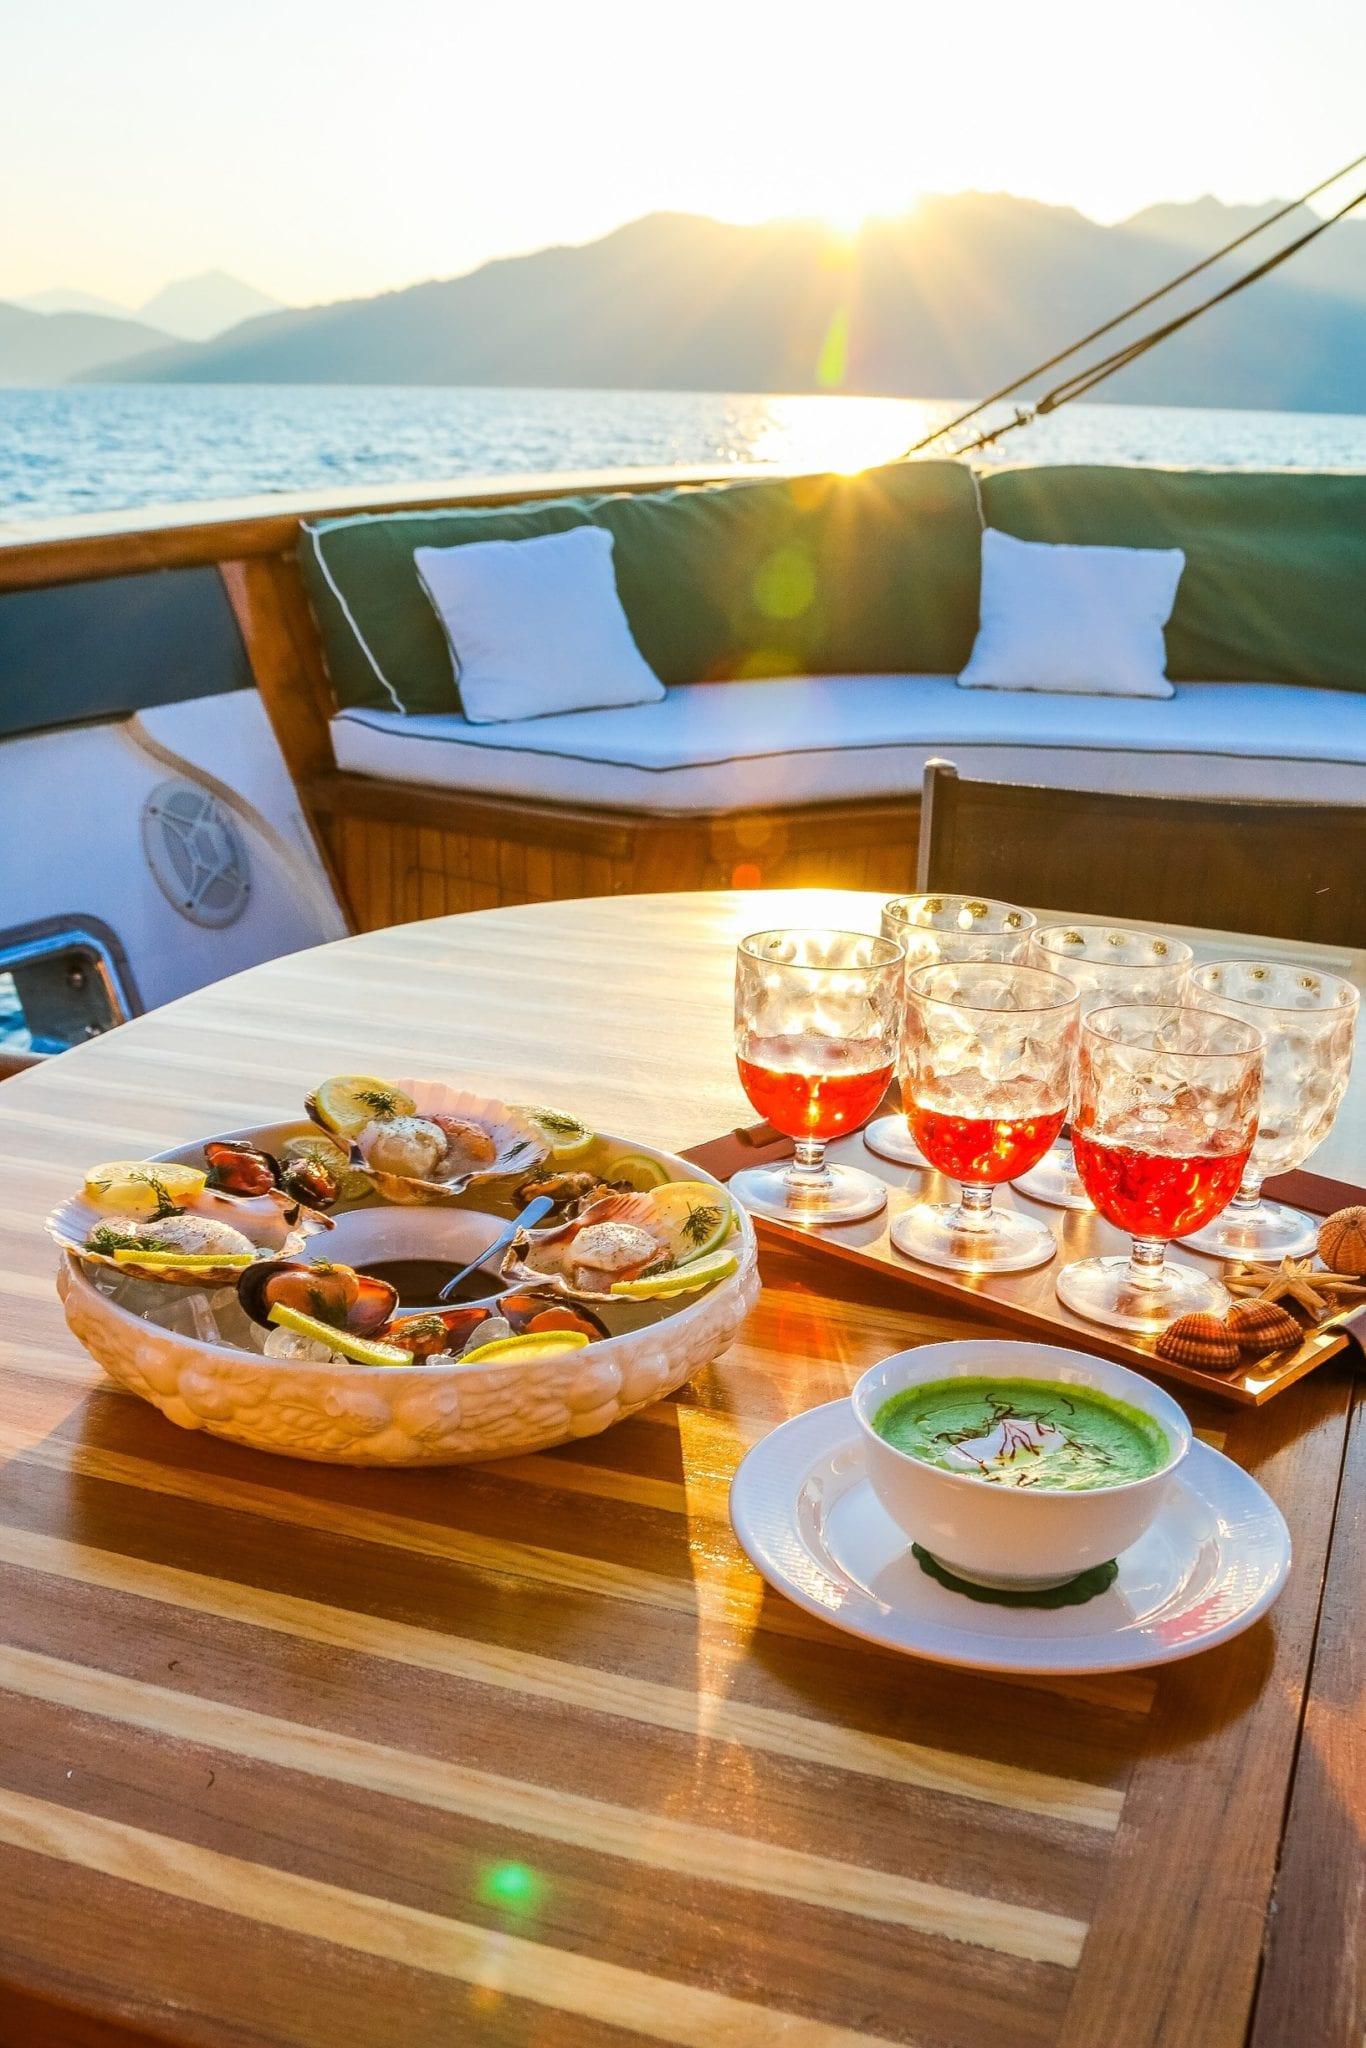 arktos motor sailer dining1 (3) min -  Valef Yachts Chartering - 2262